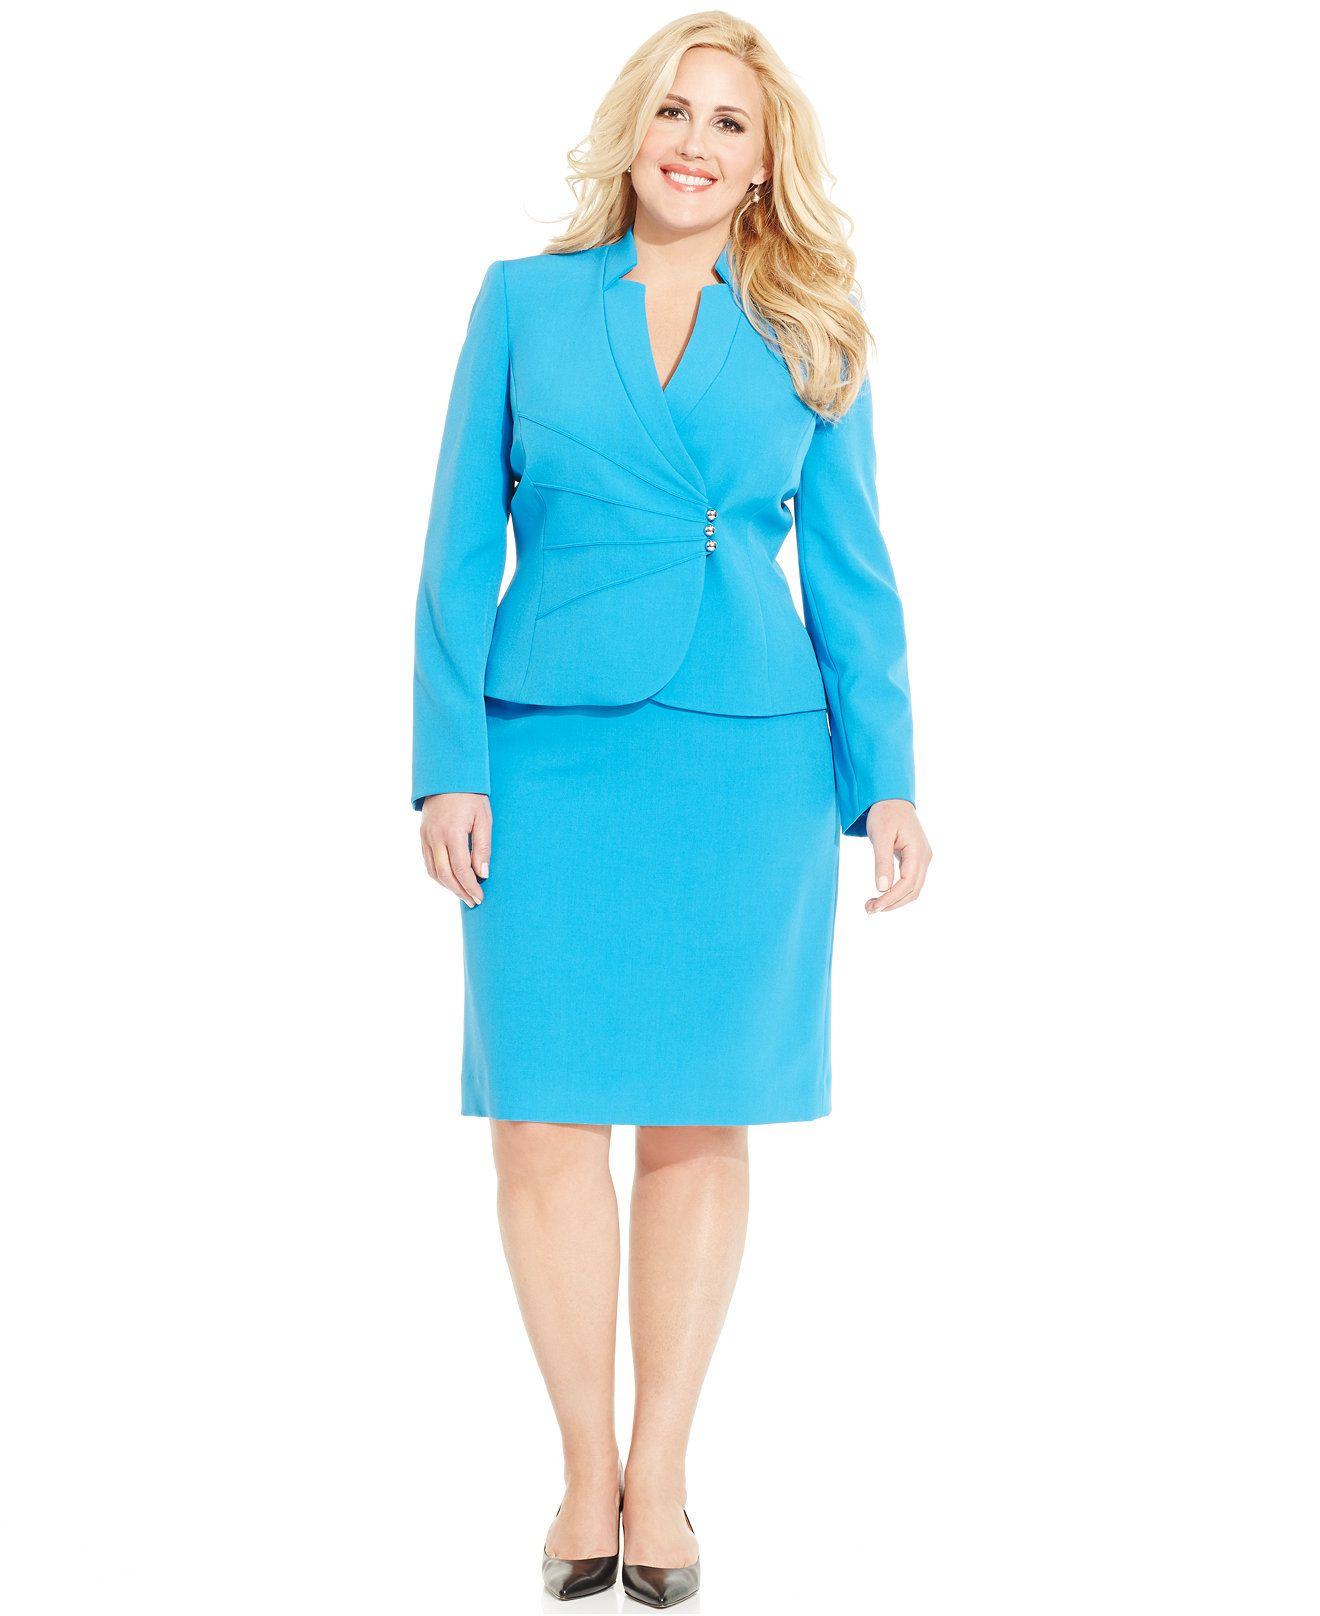 de8d4997705 Tahari ASL Skirt Suit - Wear to Work - Macy s